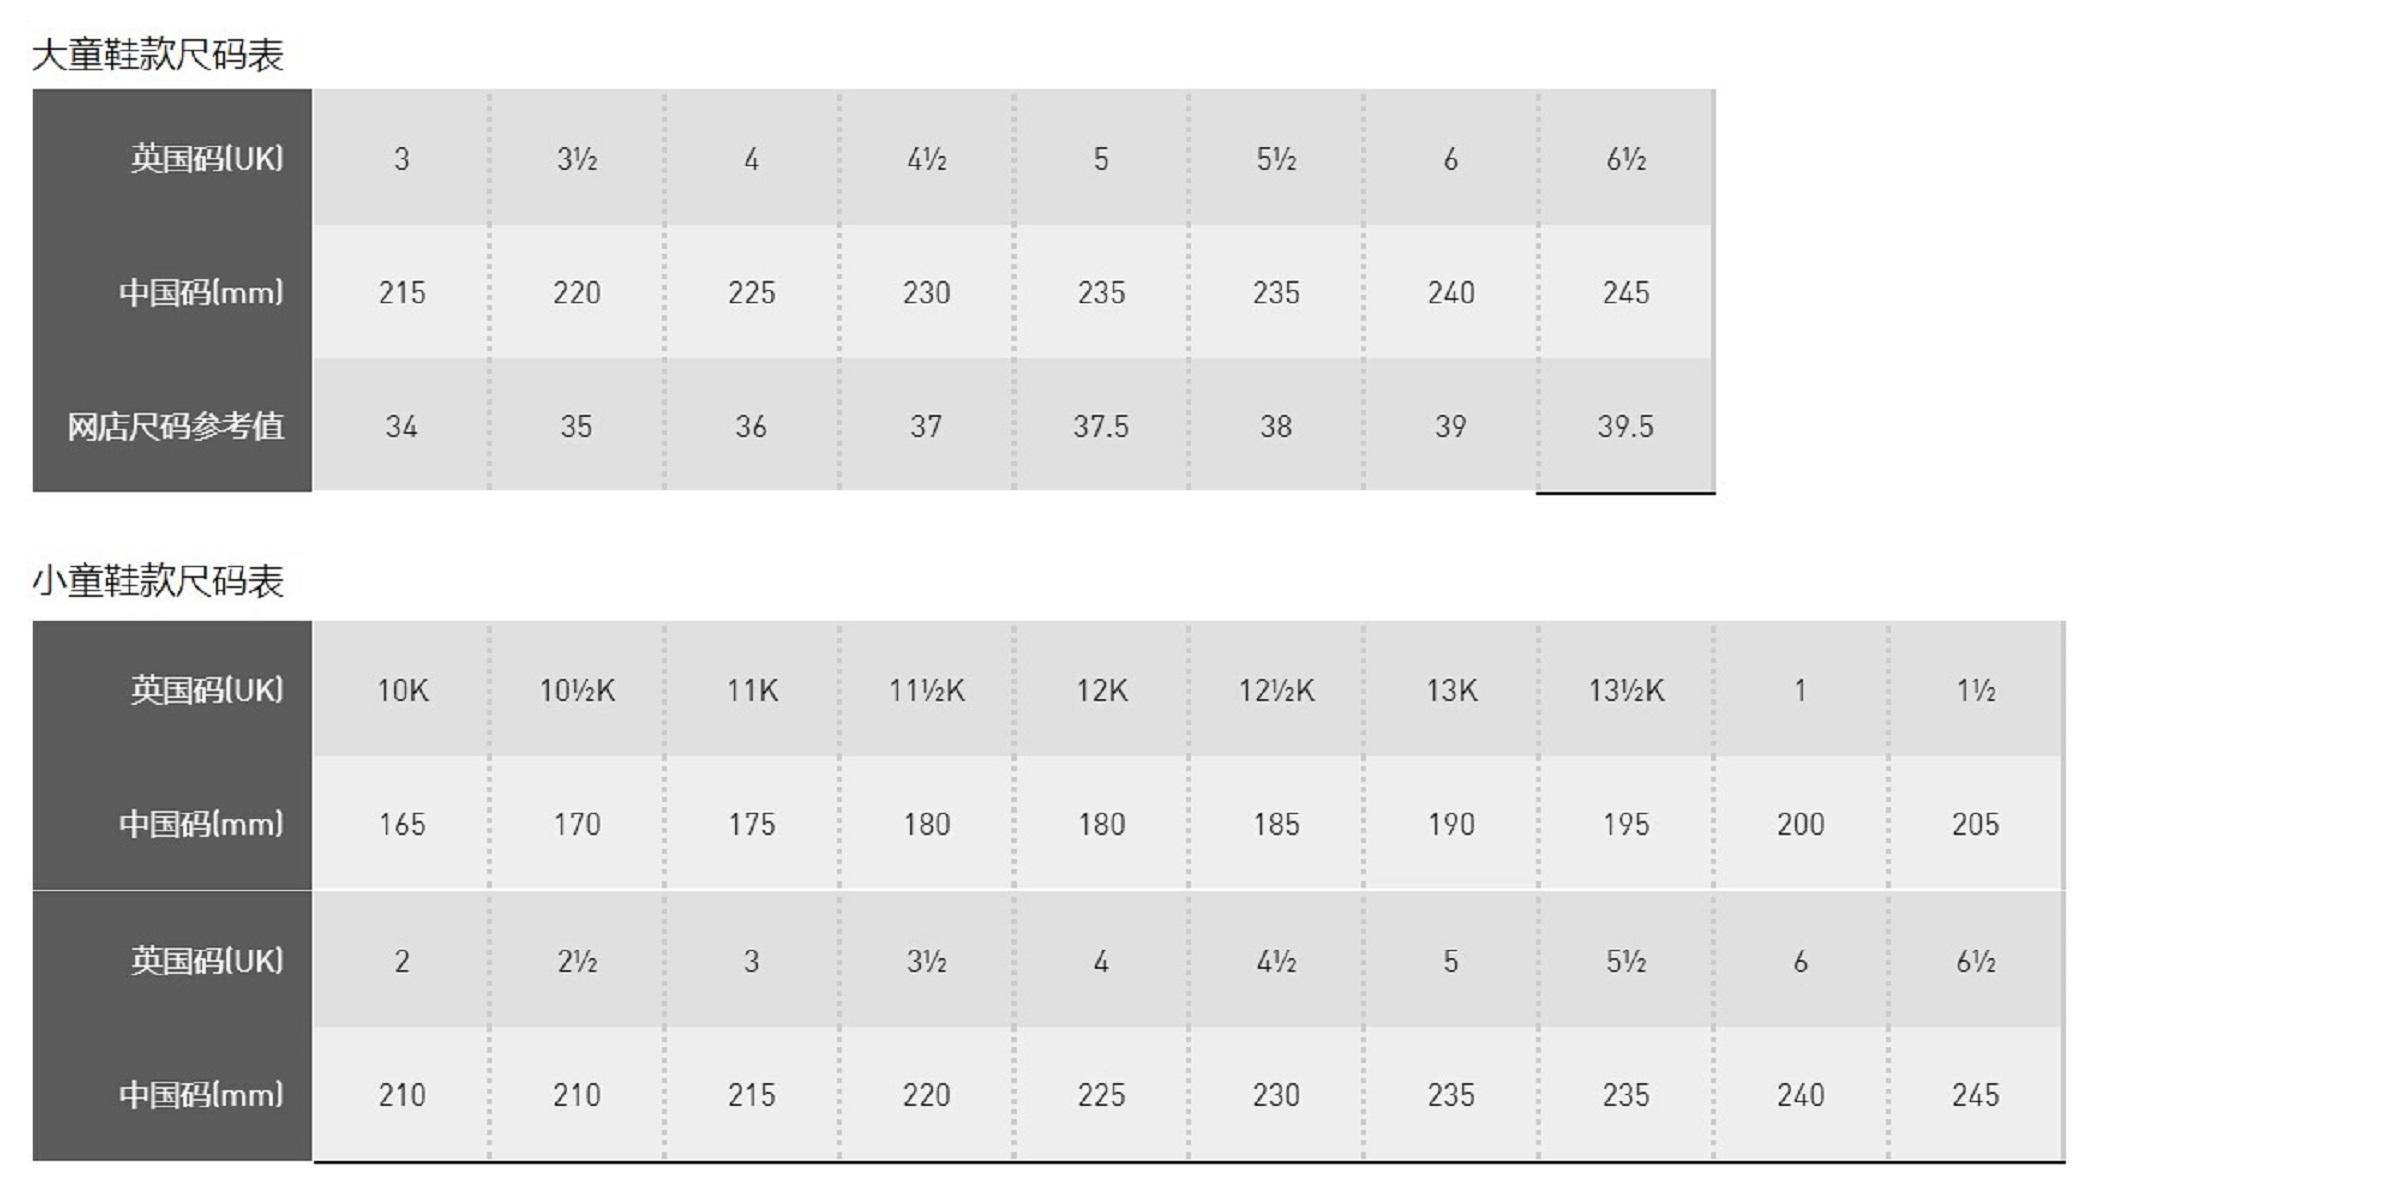 ugg欧码鞋子对照表_求阿迪达斯的鞋码与脚码对照表_百度知道